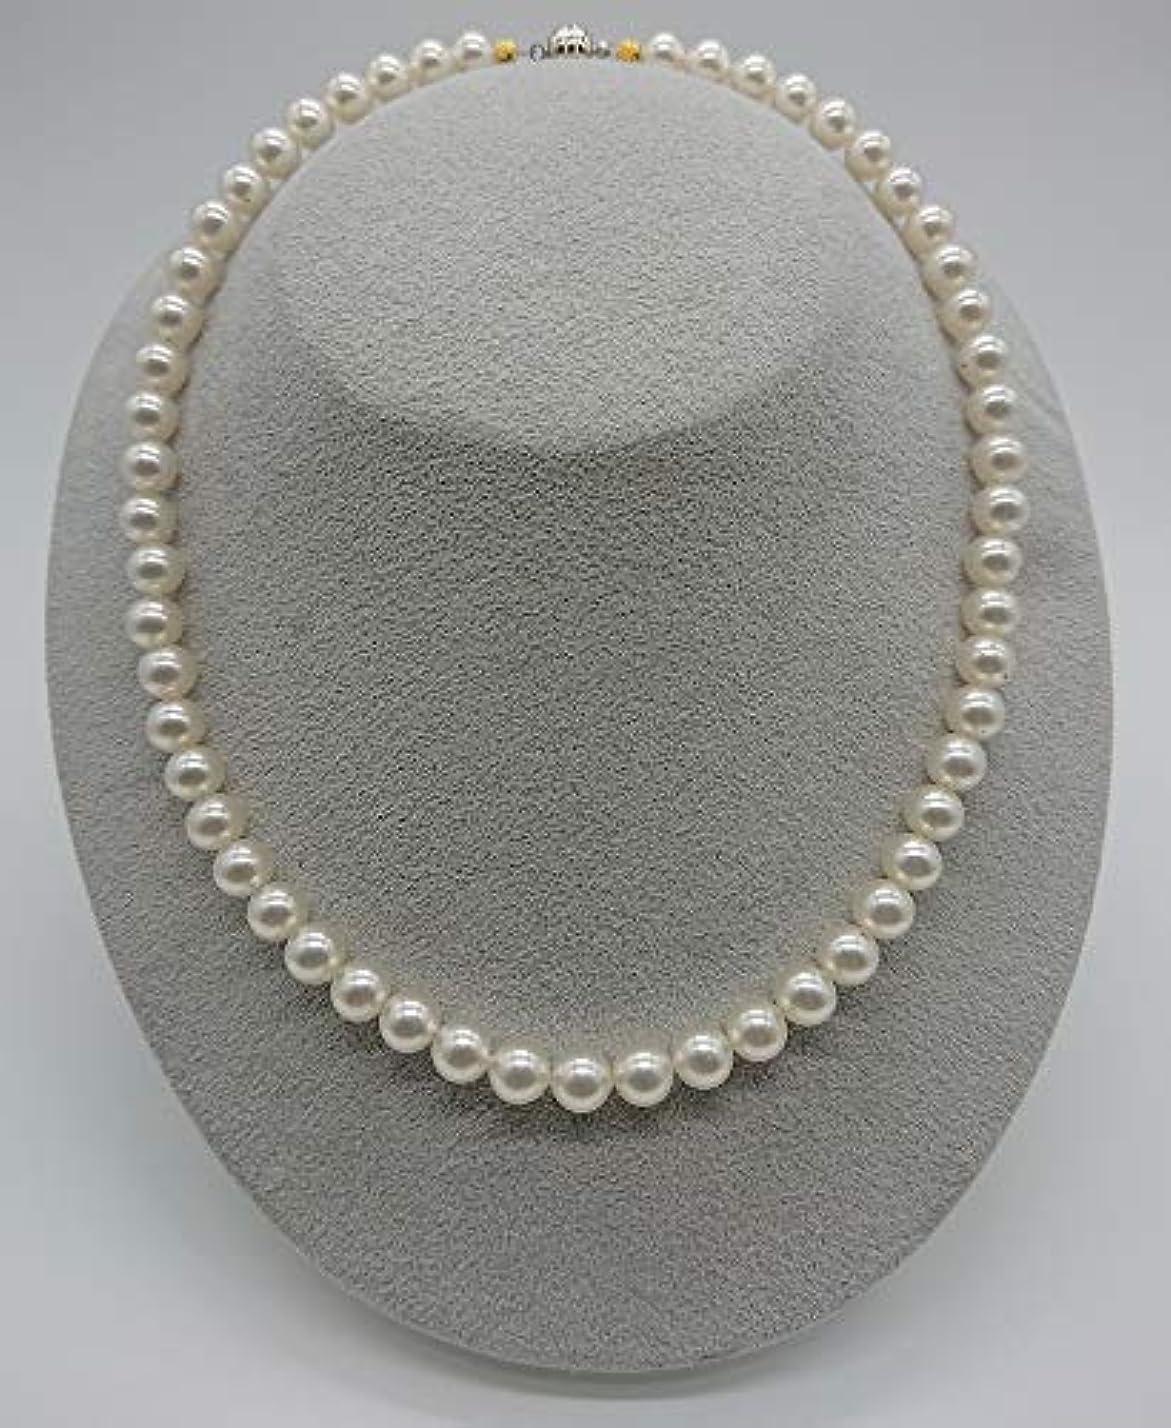 レッドデートアクセシブル正気Dr.Silicone 真珠スタイル健康エネルギーネックレス(白)8mm珠60cm:世界で唯一無二、身に着けると遠赤外線とマイナスイオンが良い影響をもたらします!